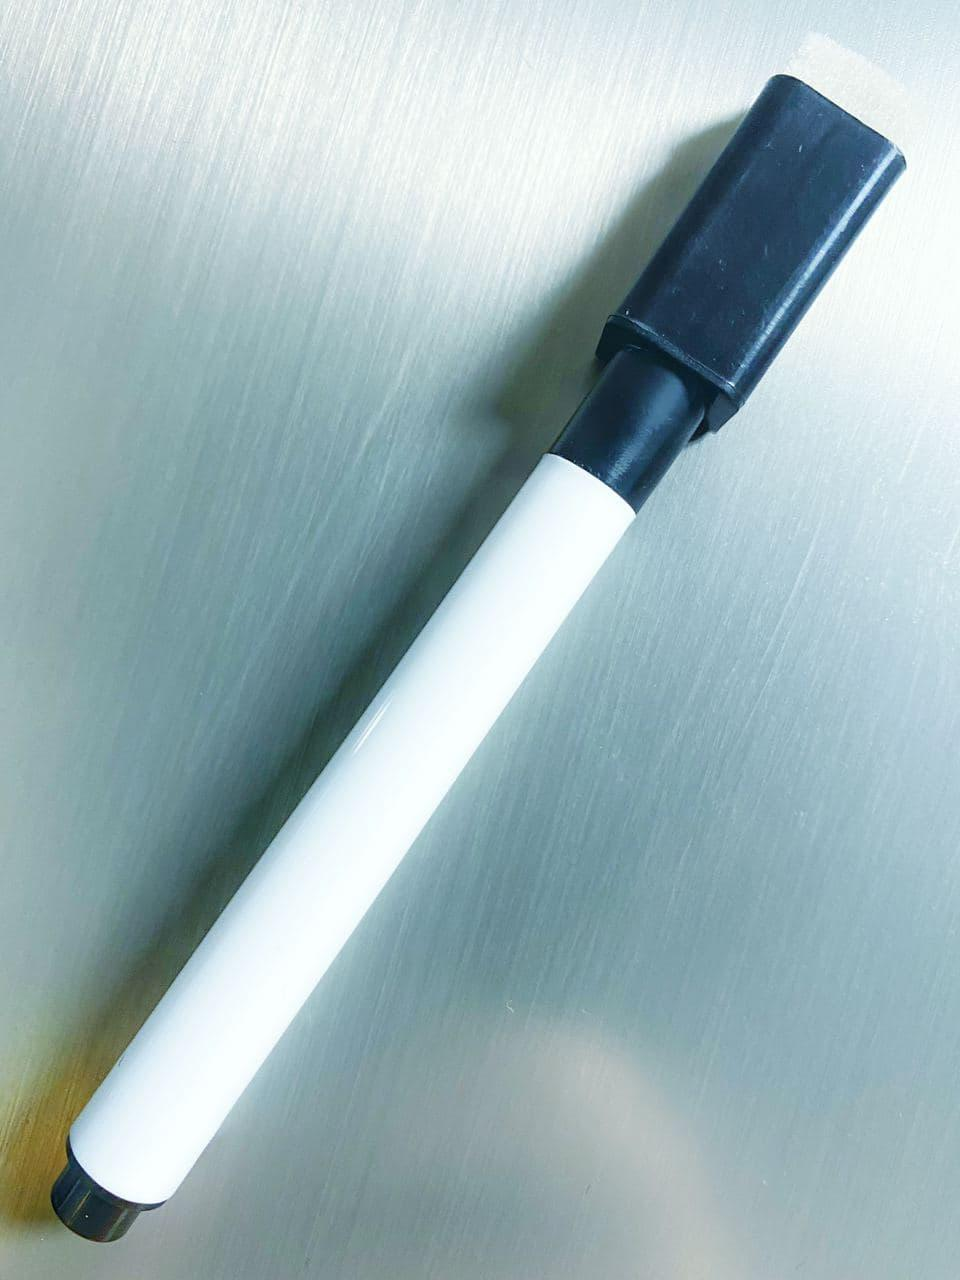 2789490809 magnitnyj stiraemyj marker